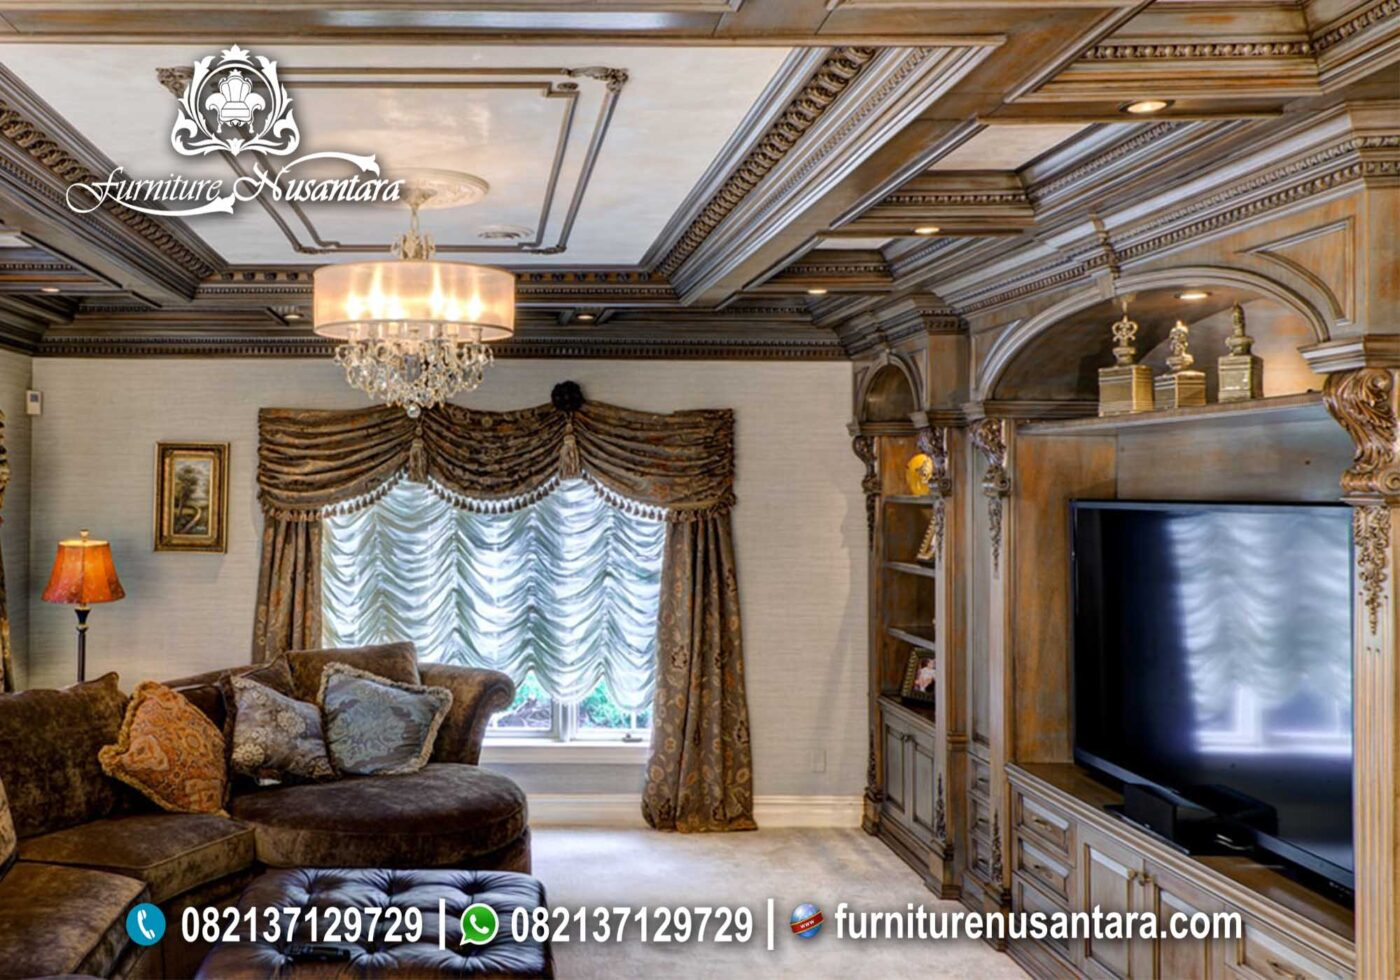 Desain Lemari TV Full Dinding Kayu Jati BTV-29, Furniture Nusantara